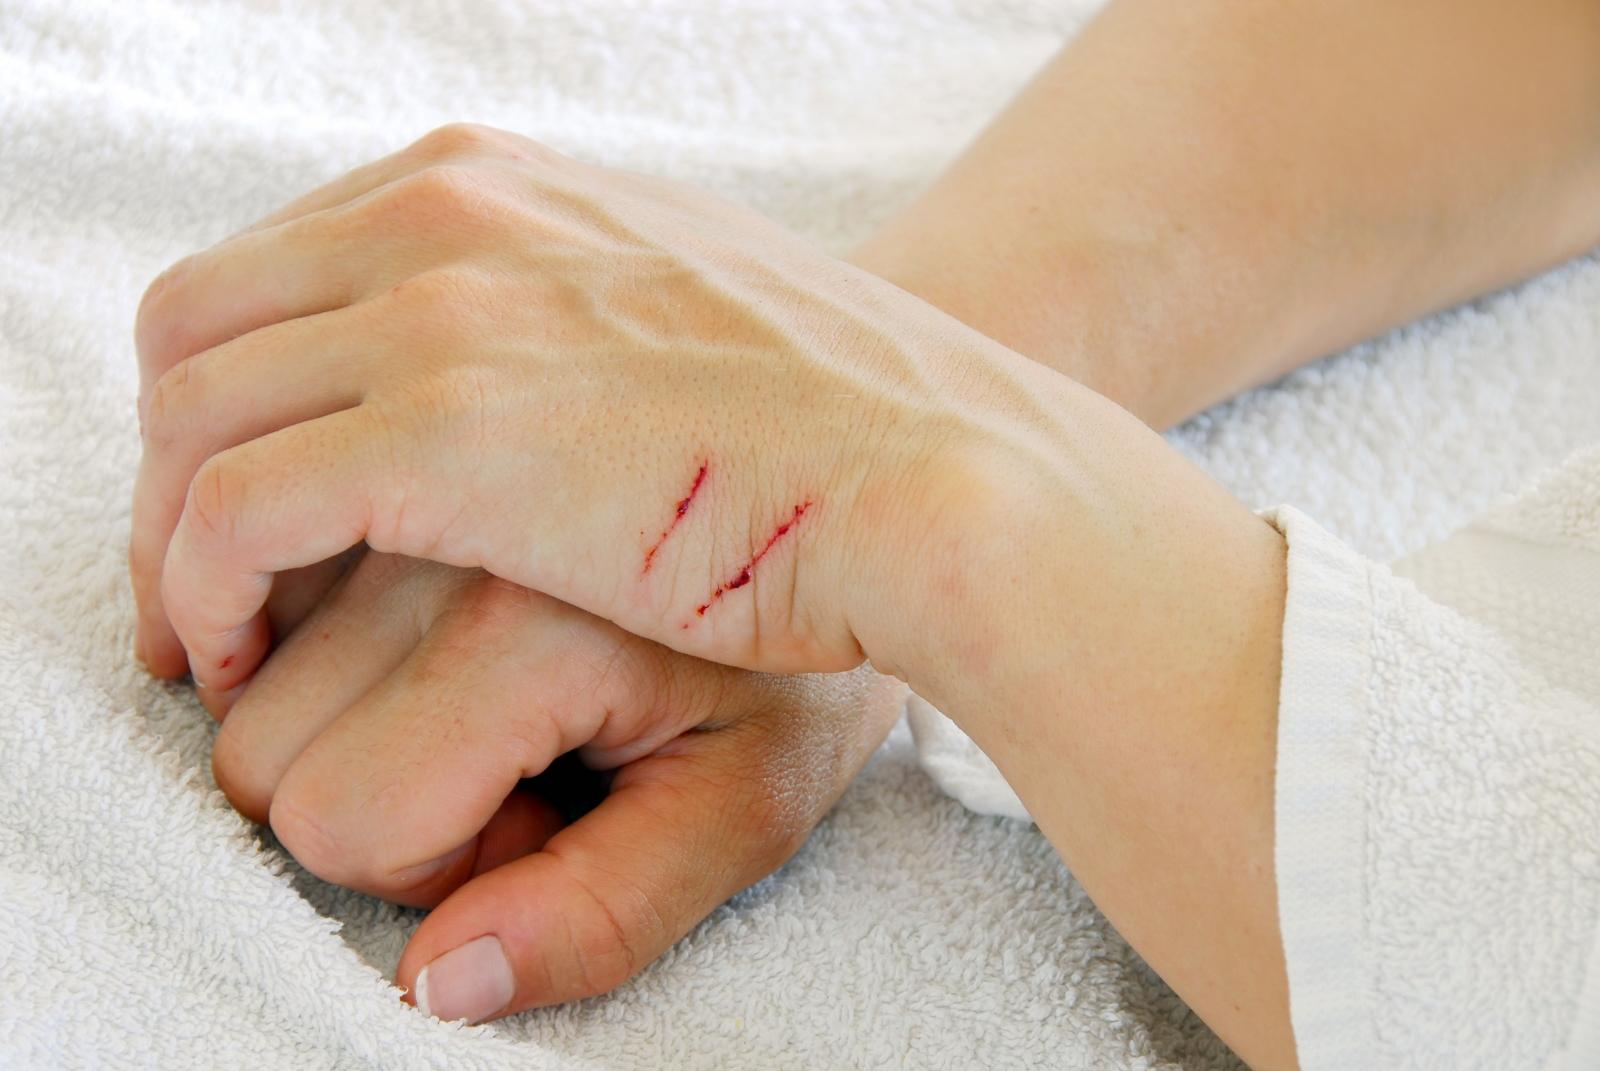 مراقبت از زخم – درمان، عفونت و عوارض